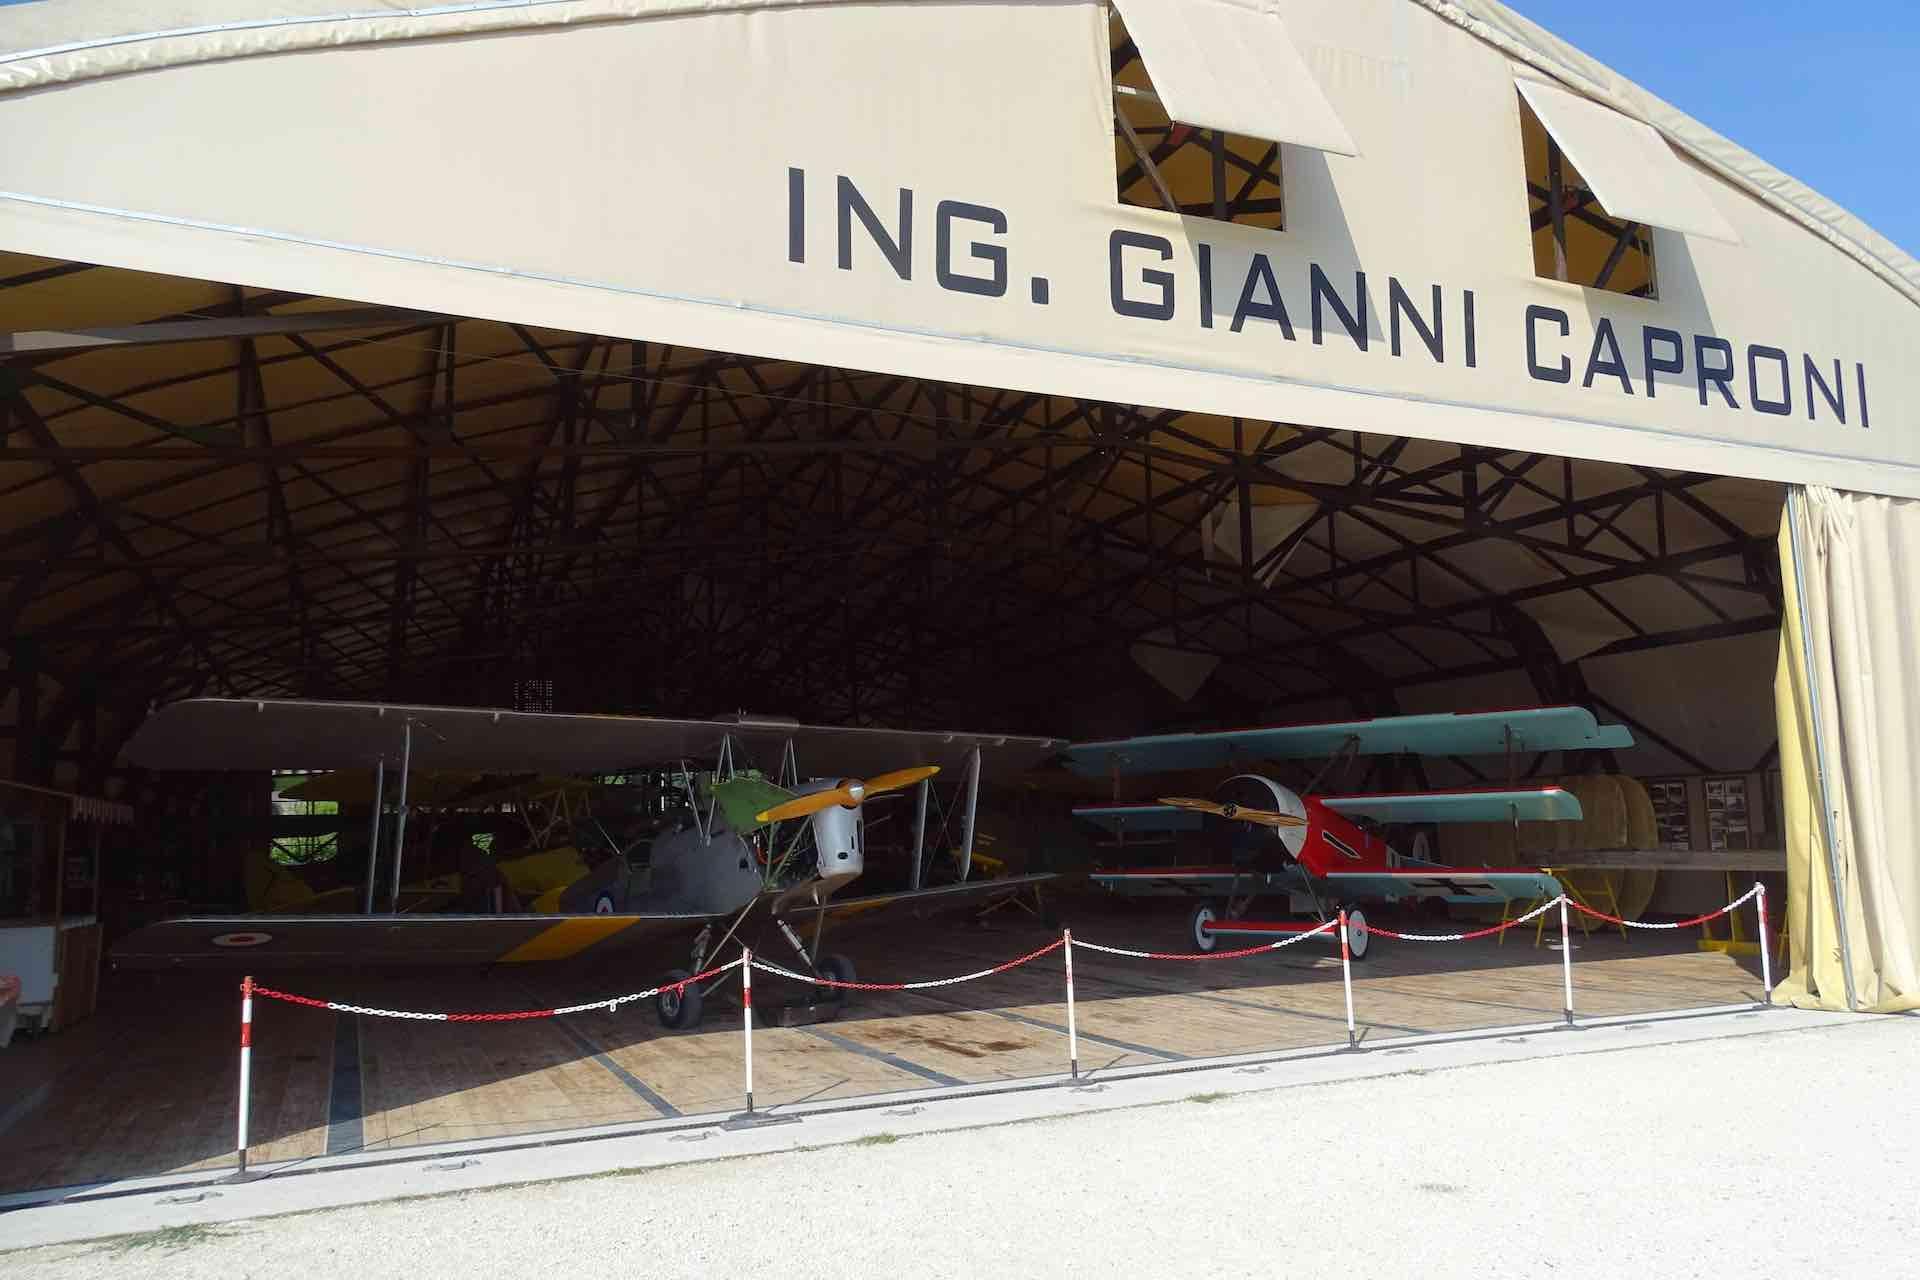 visita il Museo Volante Jonathan collection per scoprire la storia dell'aviazione in Italia